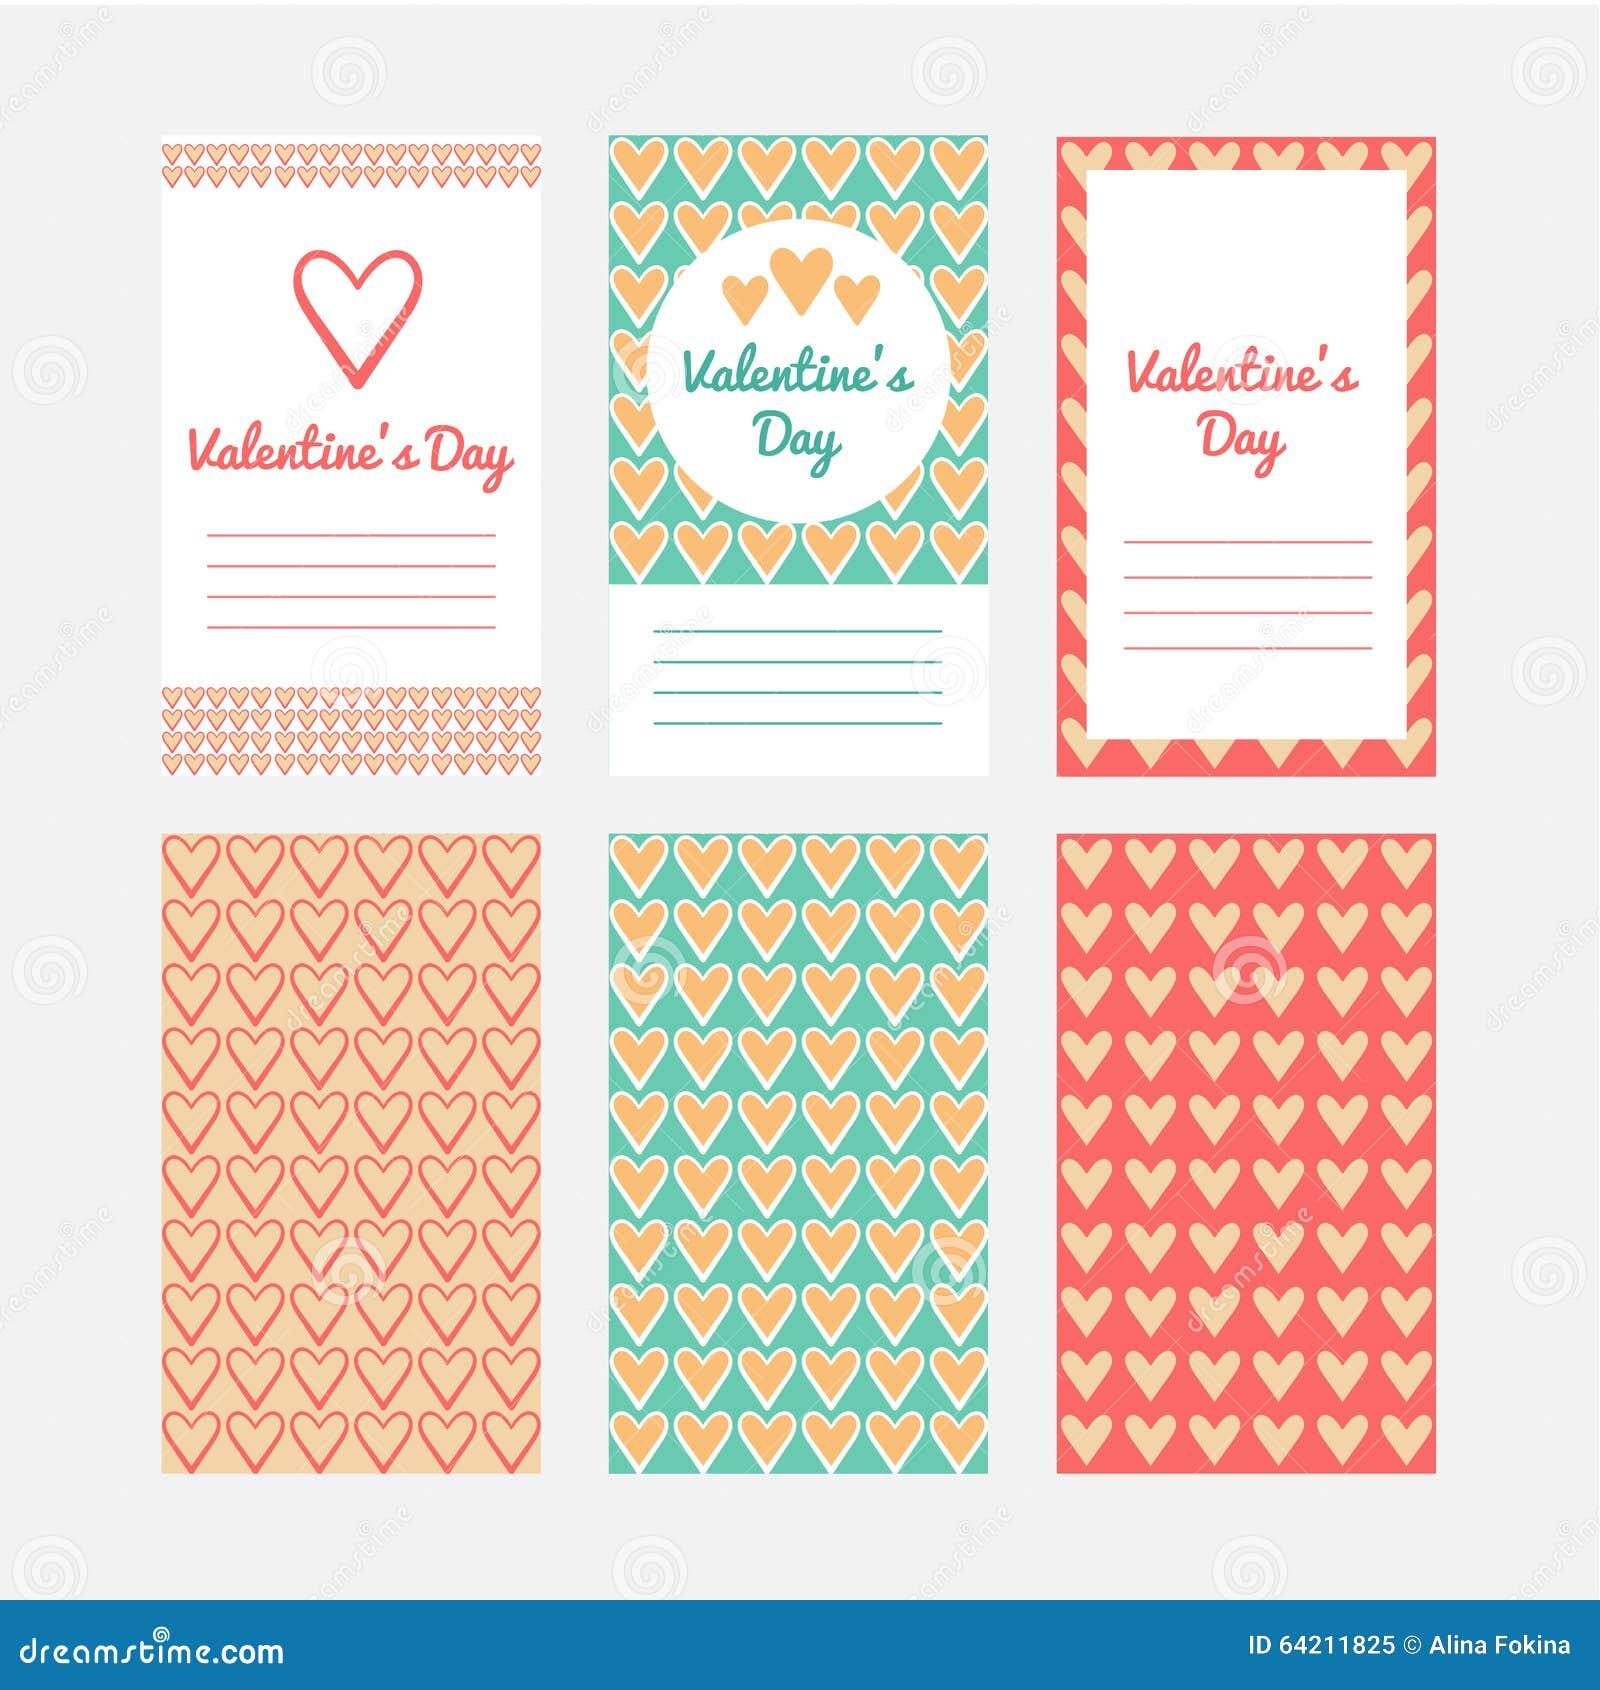 Invitación a un día de tarjetas del día de San Valentín